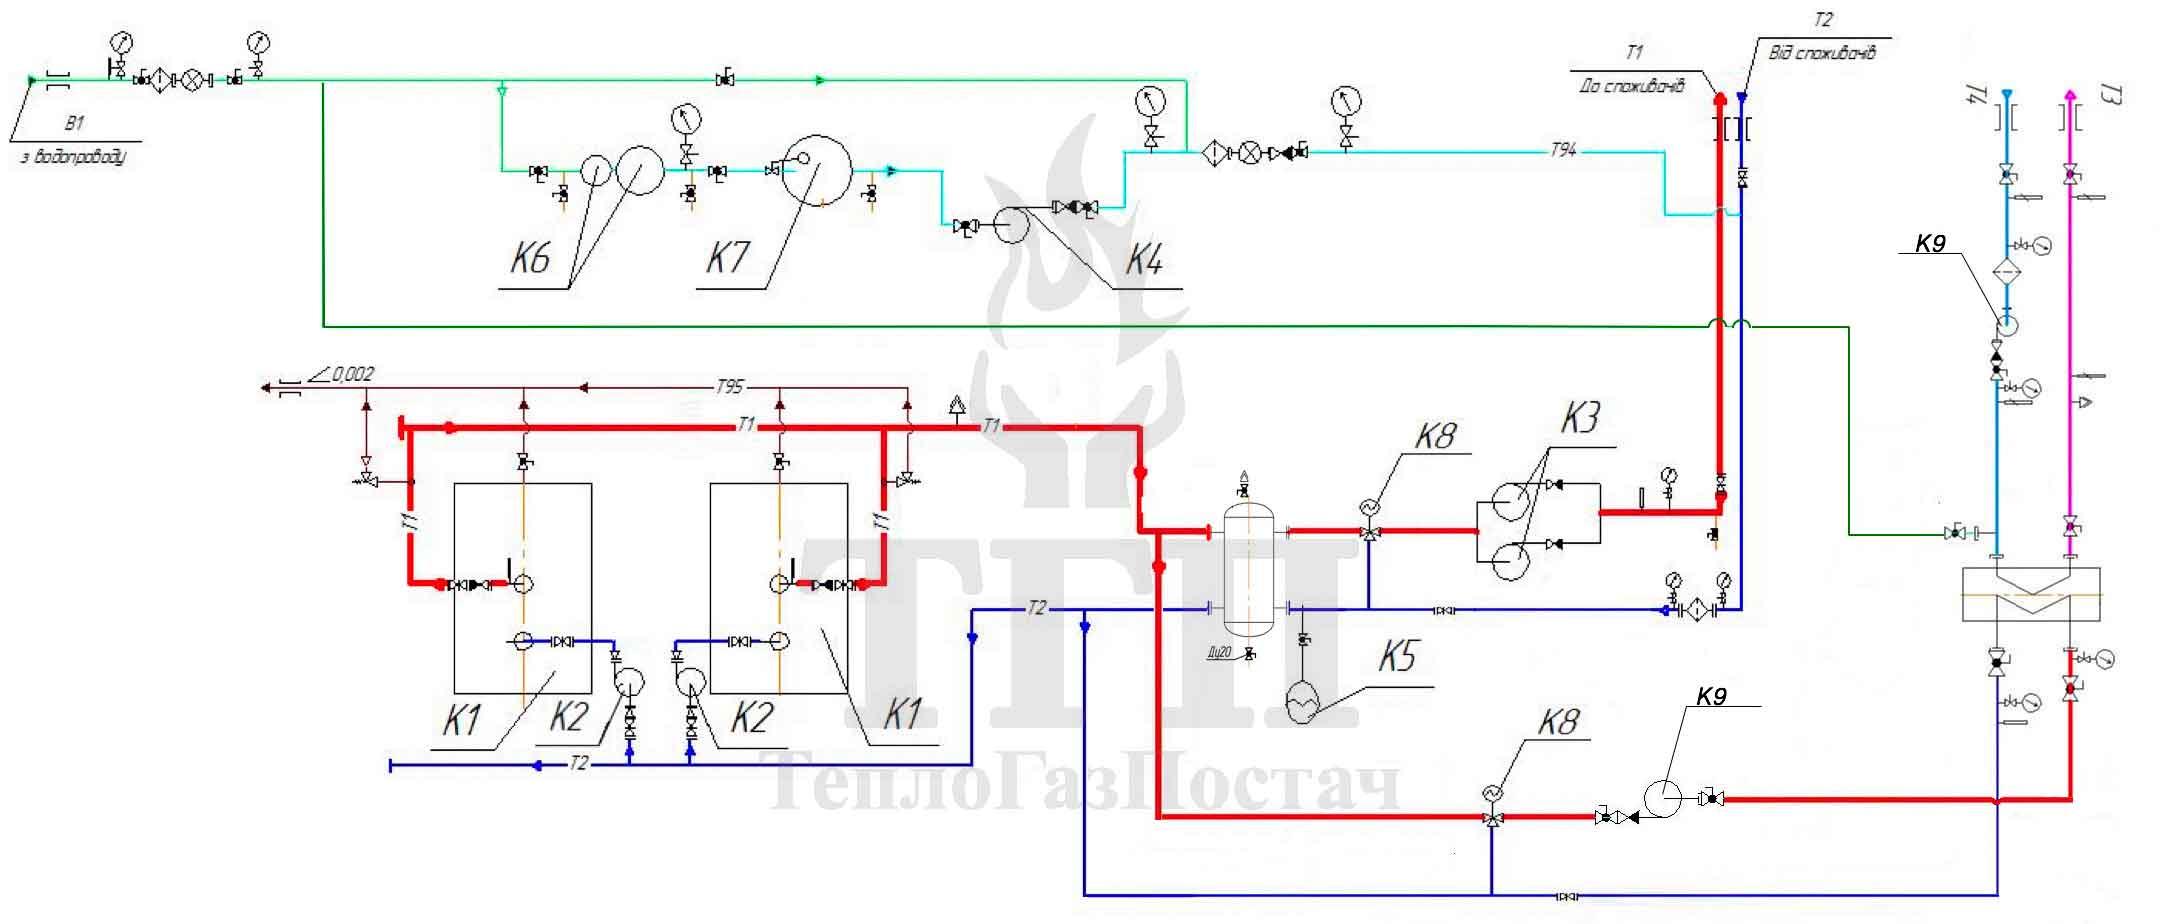 Тепловая схема блочной газовой котельной КУМ-100-КТН50СЕ-30